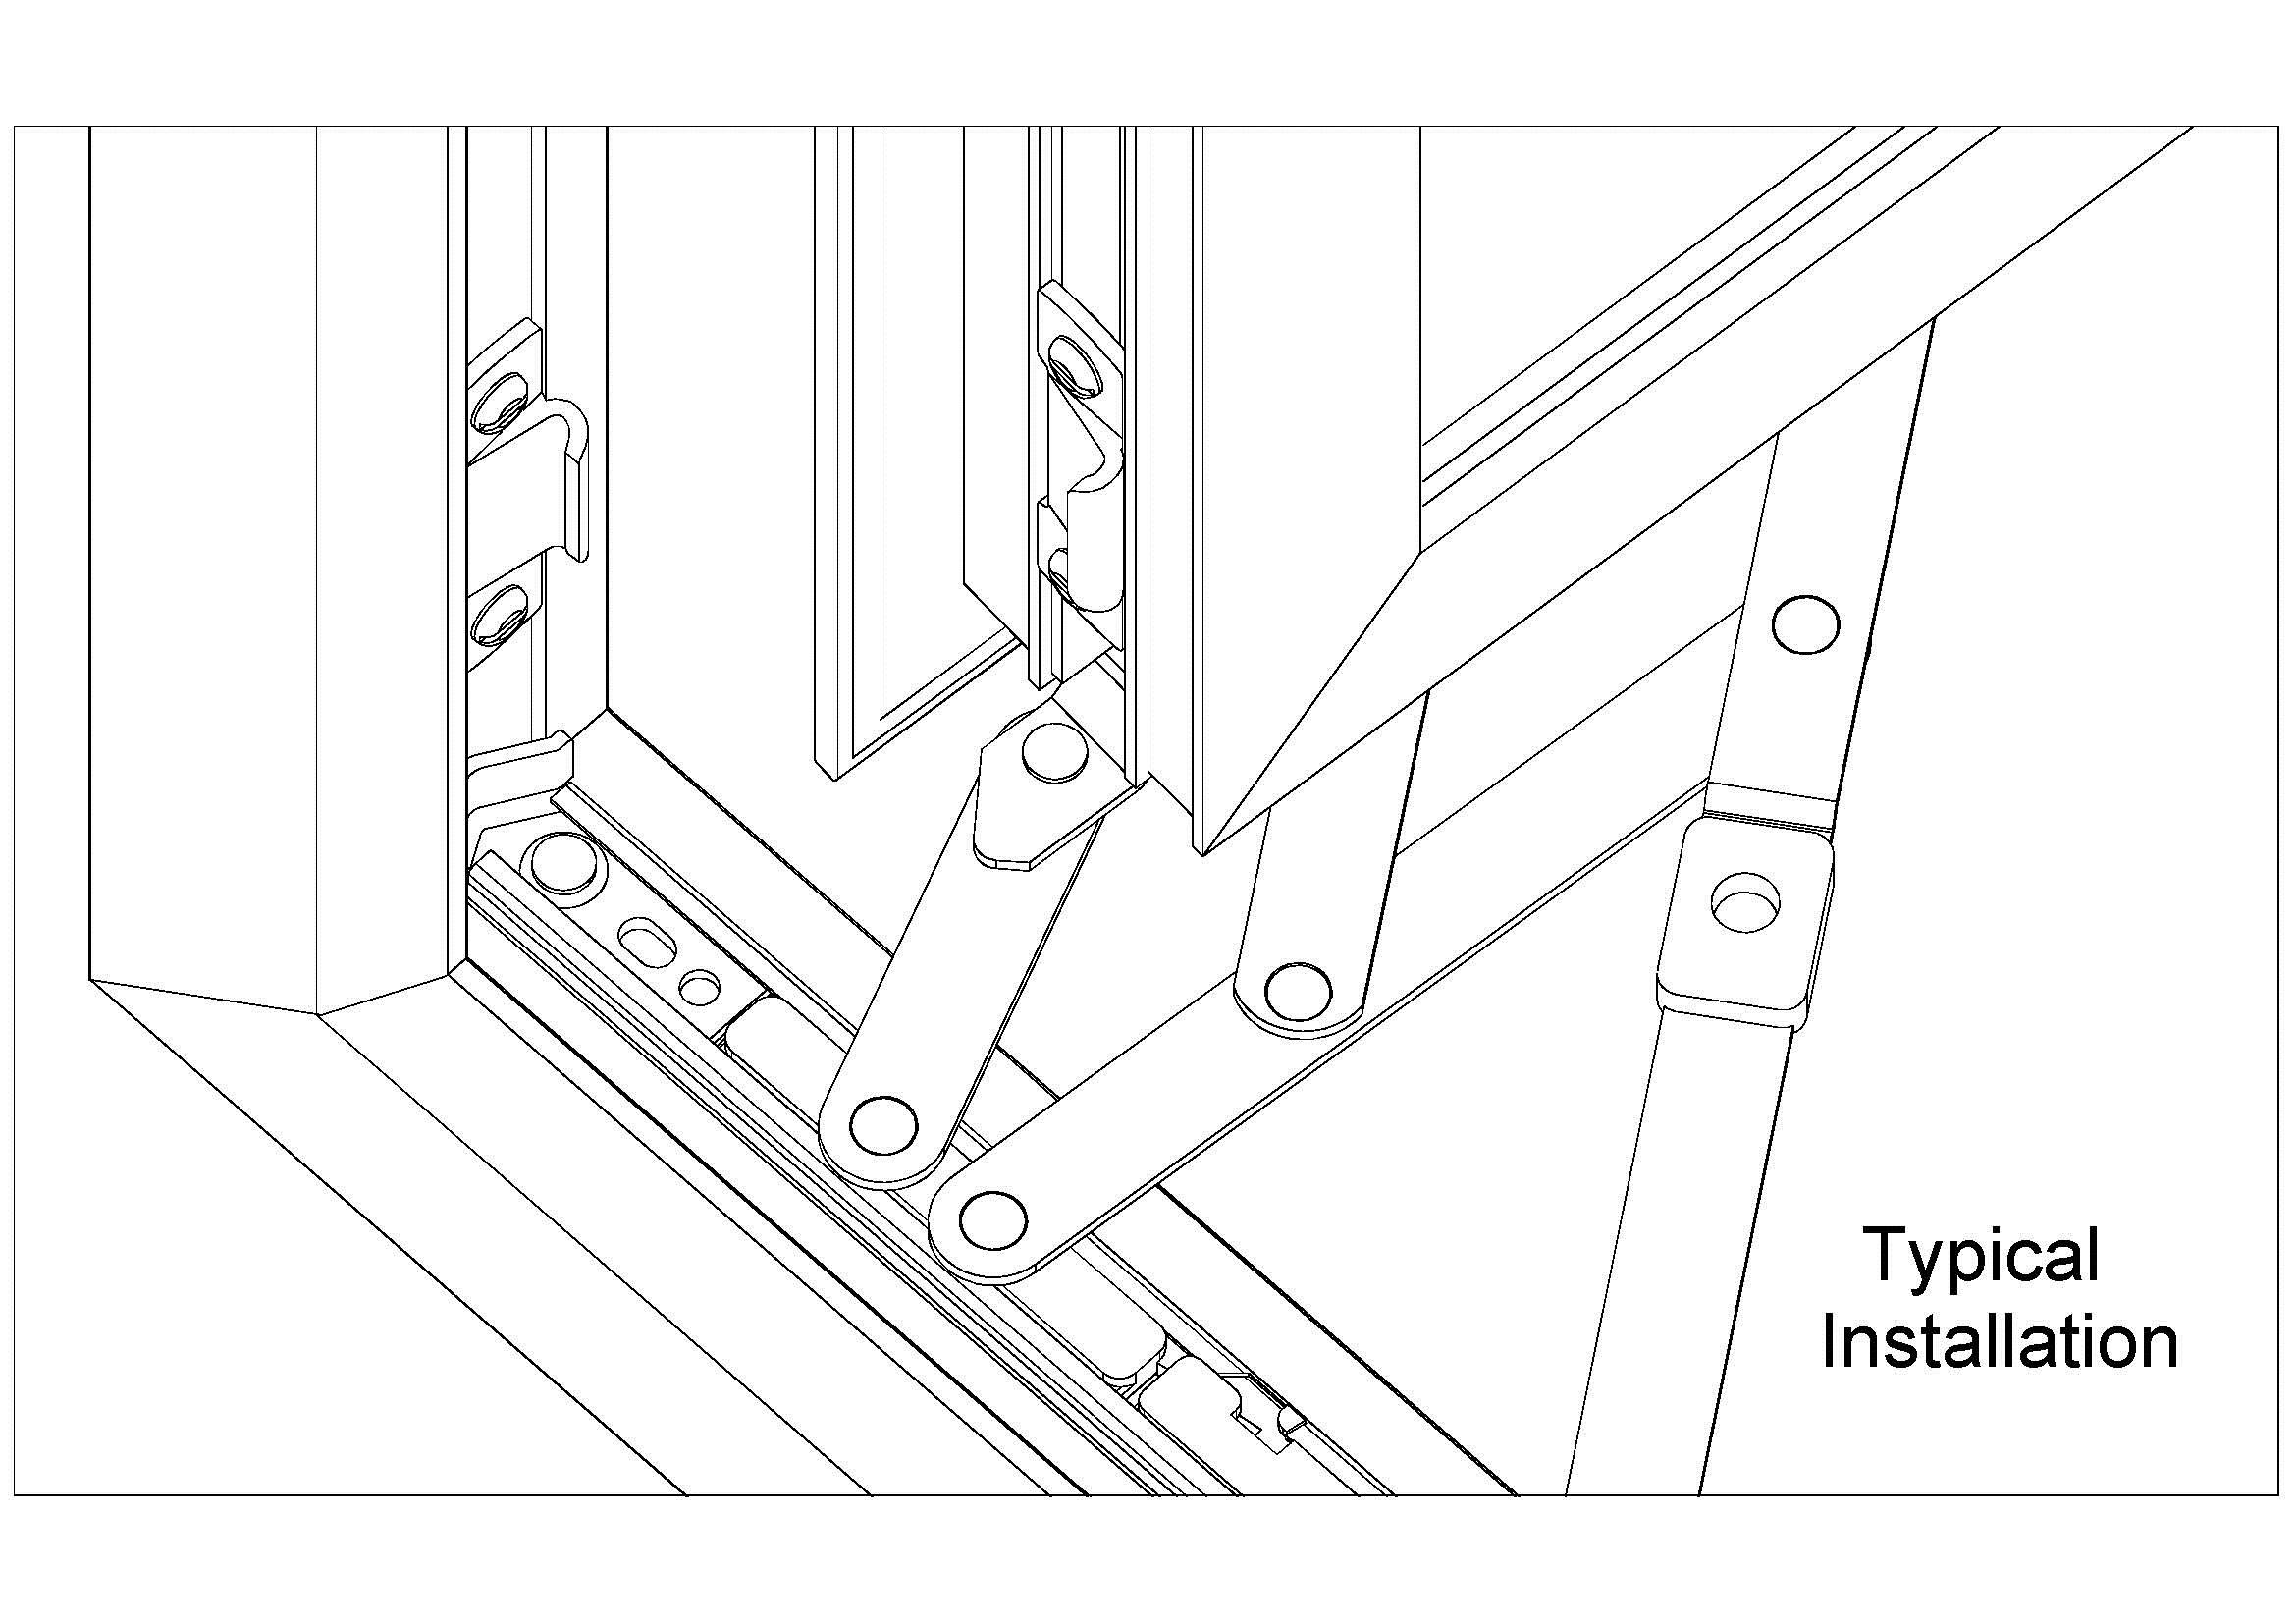 Window/Door adjustments and repairs